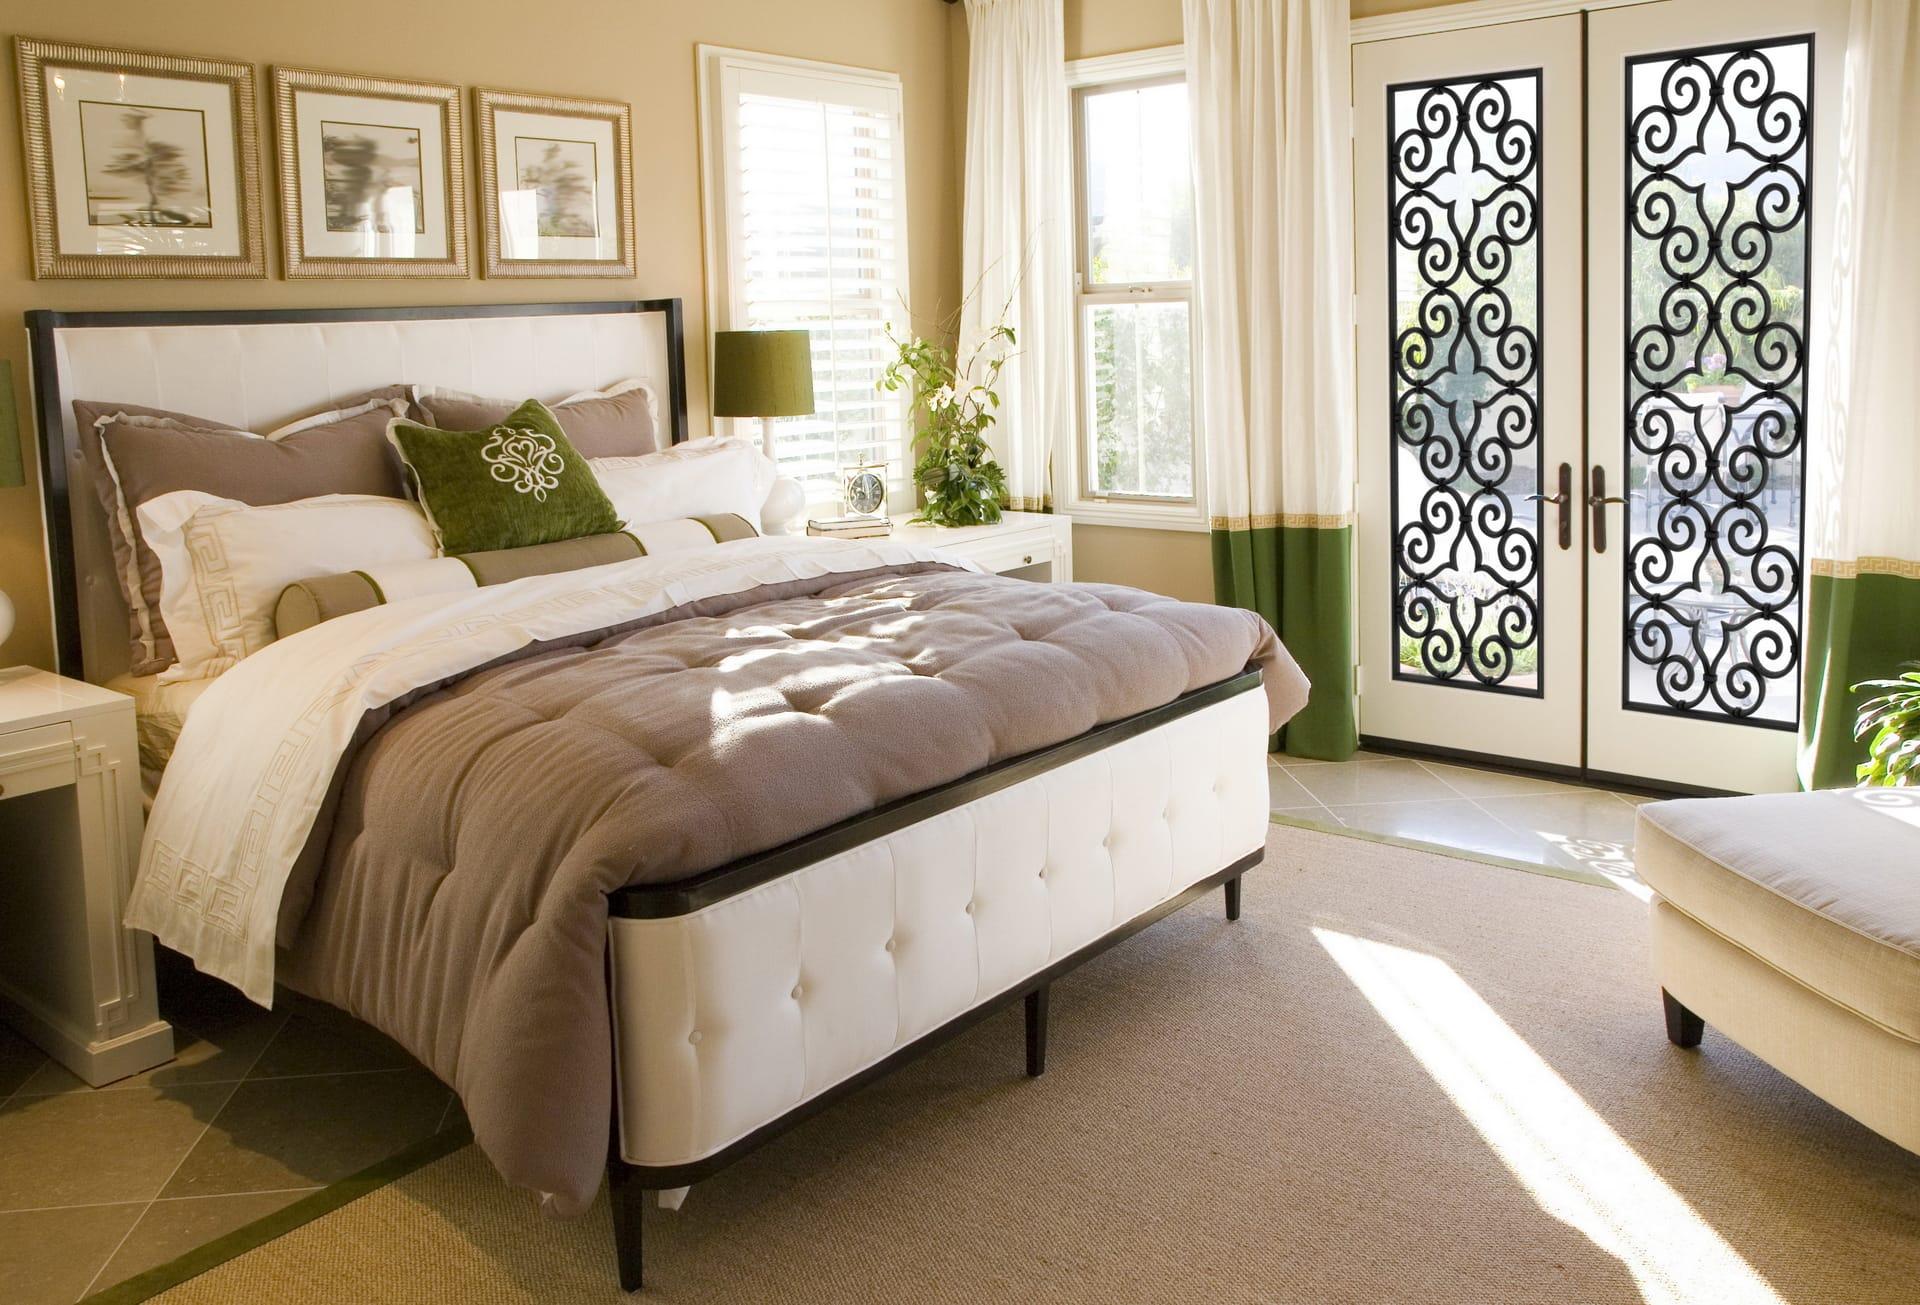 tableaux decorative grilles window treatment